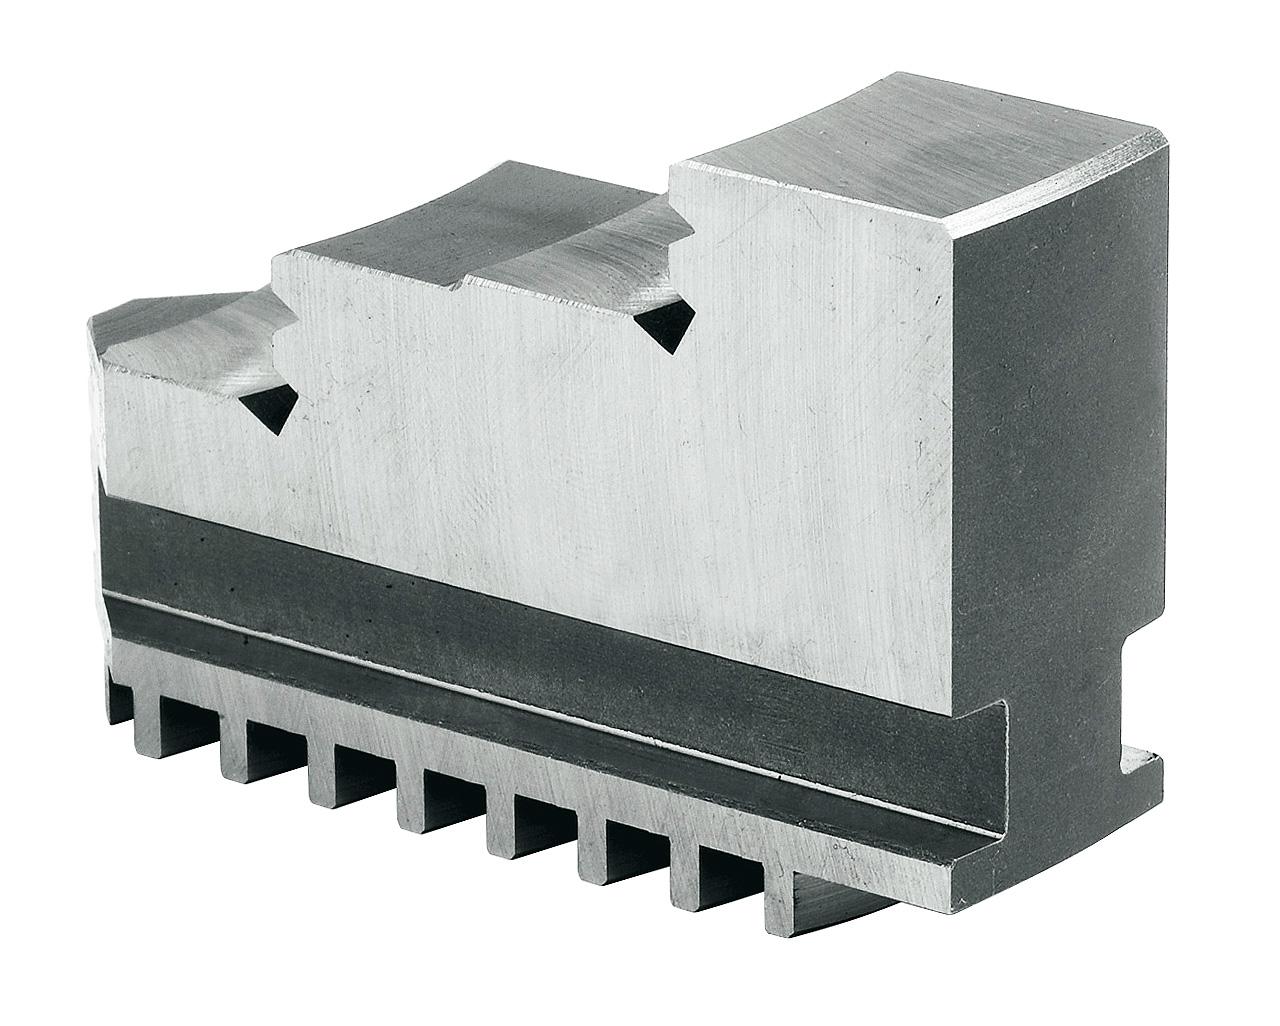 Szczęki jednolite twarde wewnętrzne - komplet DIJ-DK11-500 BERNARDO